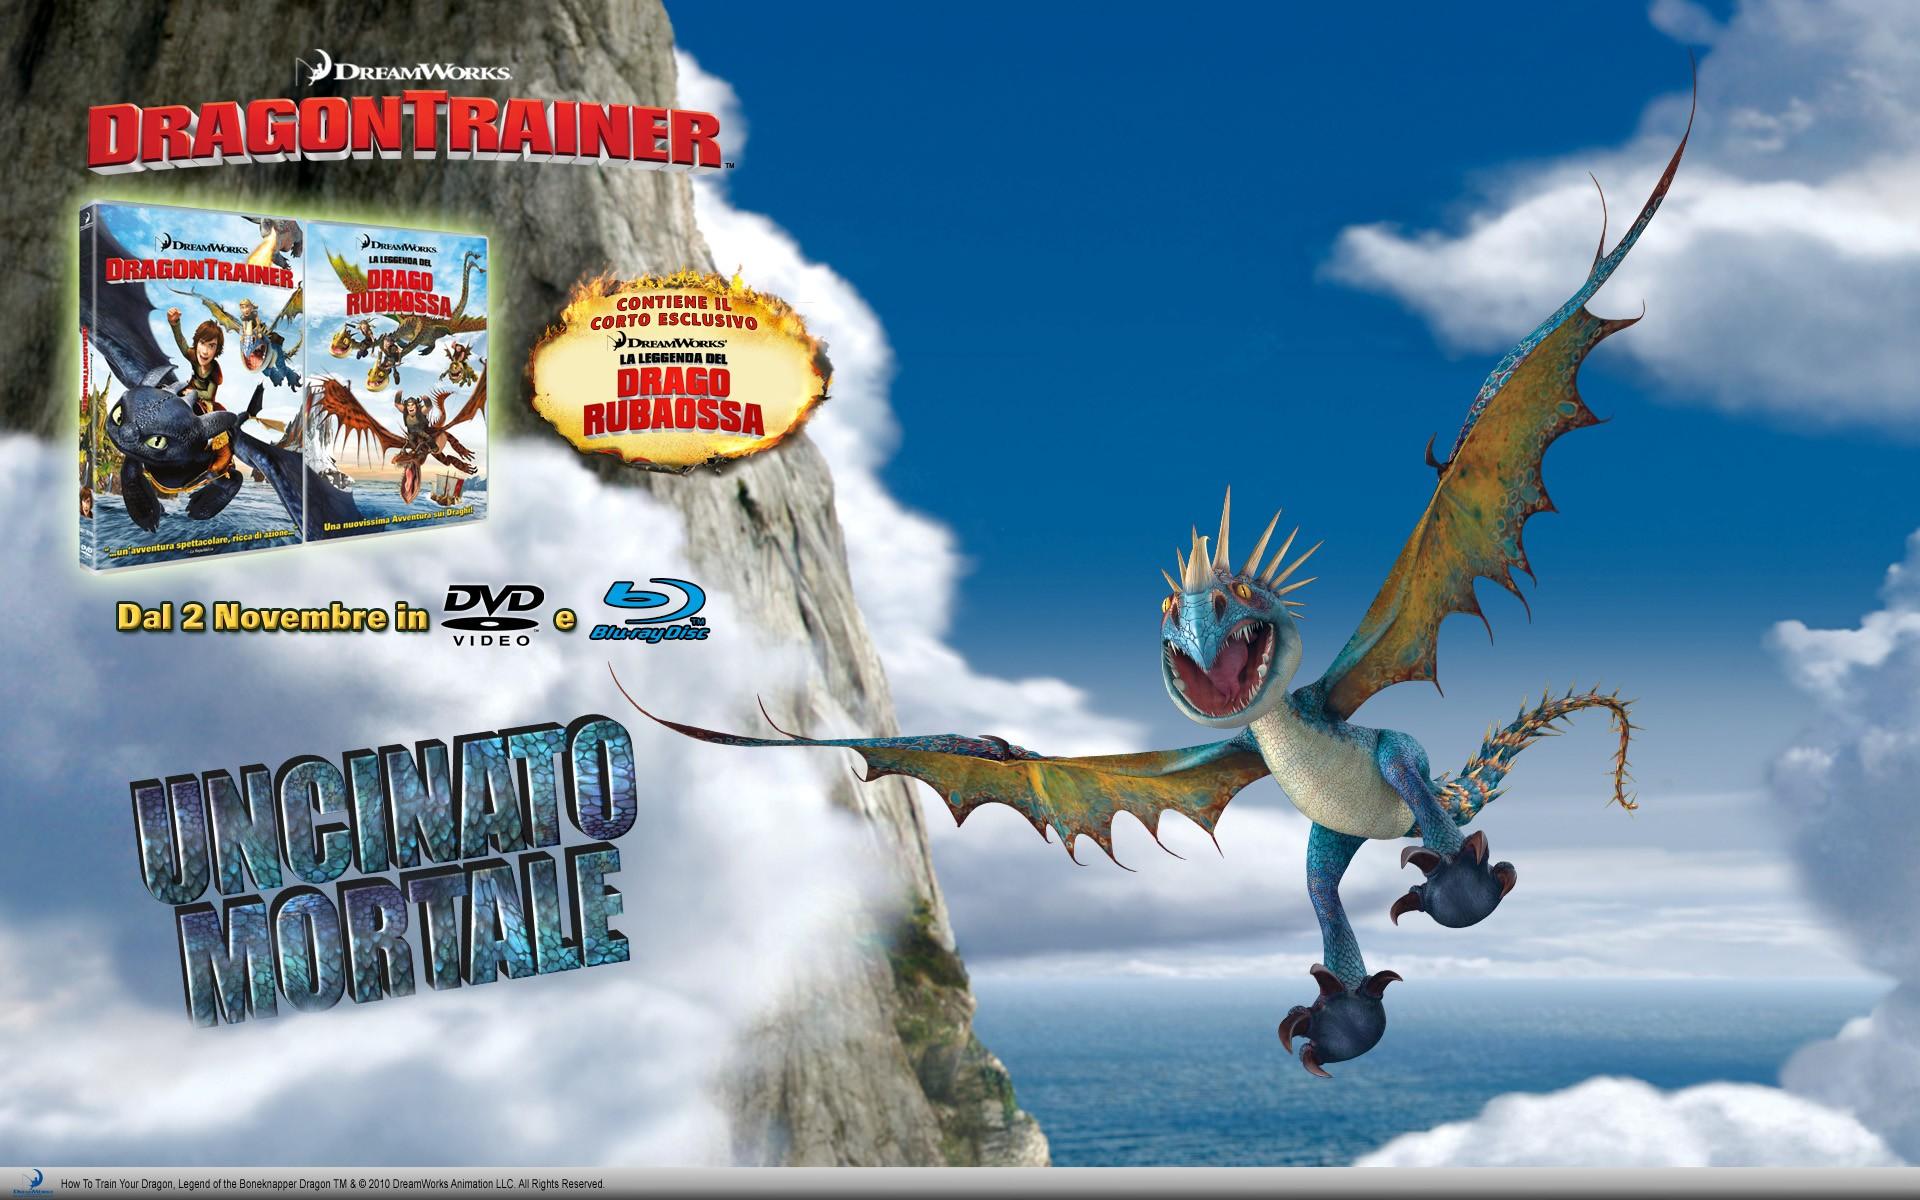 Un wallpaper dedicato all'uscita in DVD e Blu-Ray di Dragon Trainer